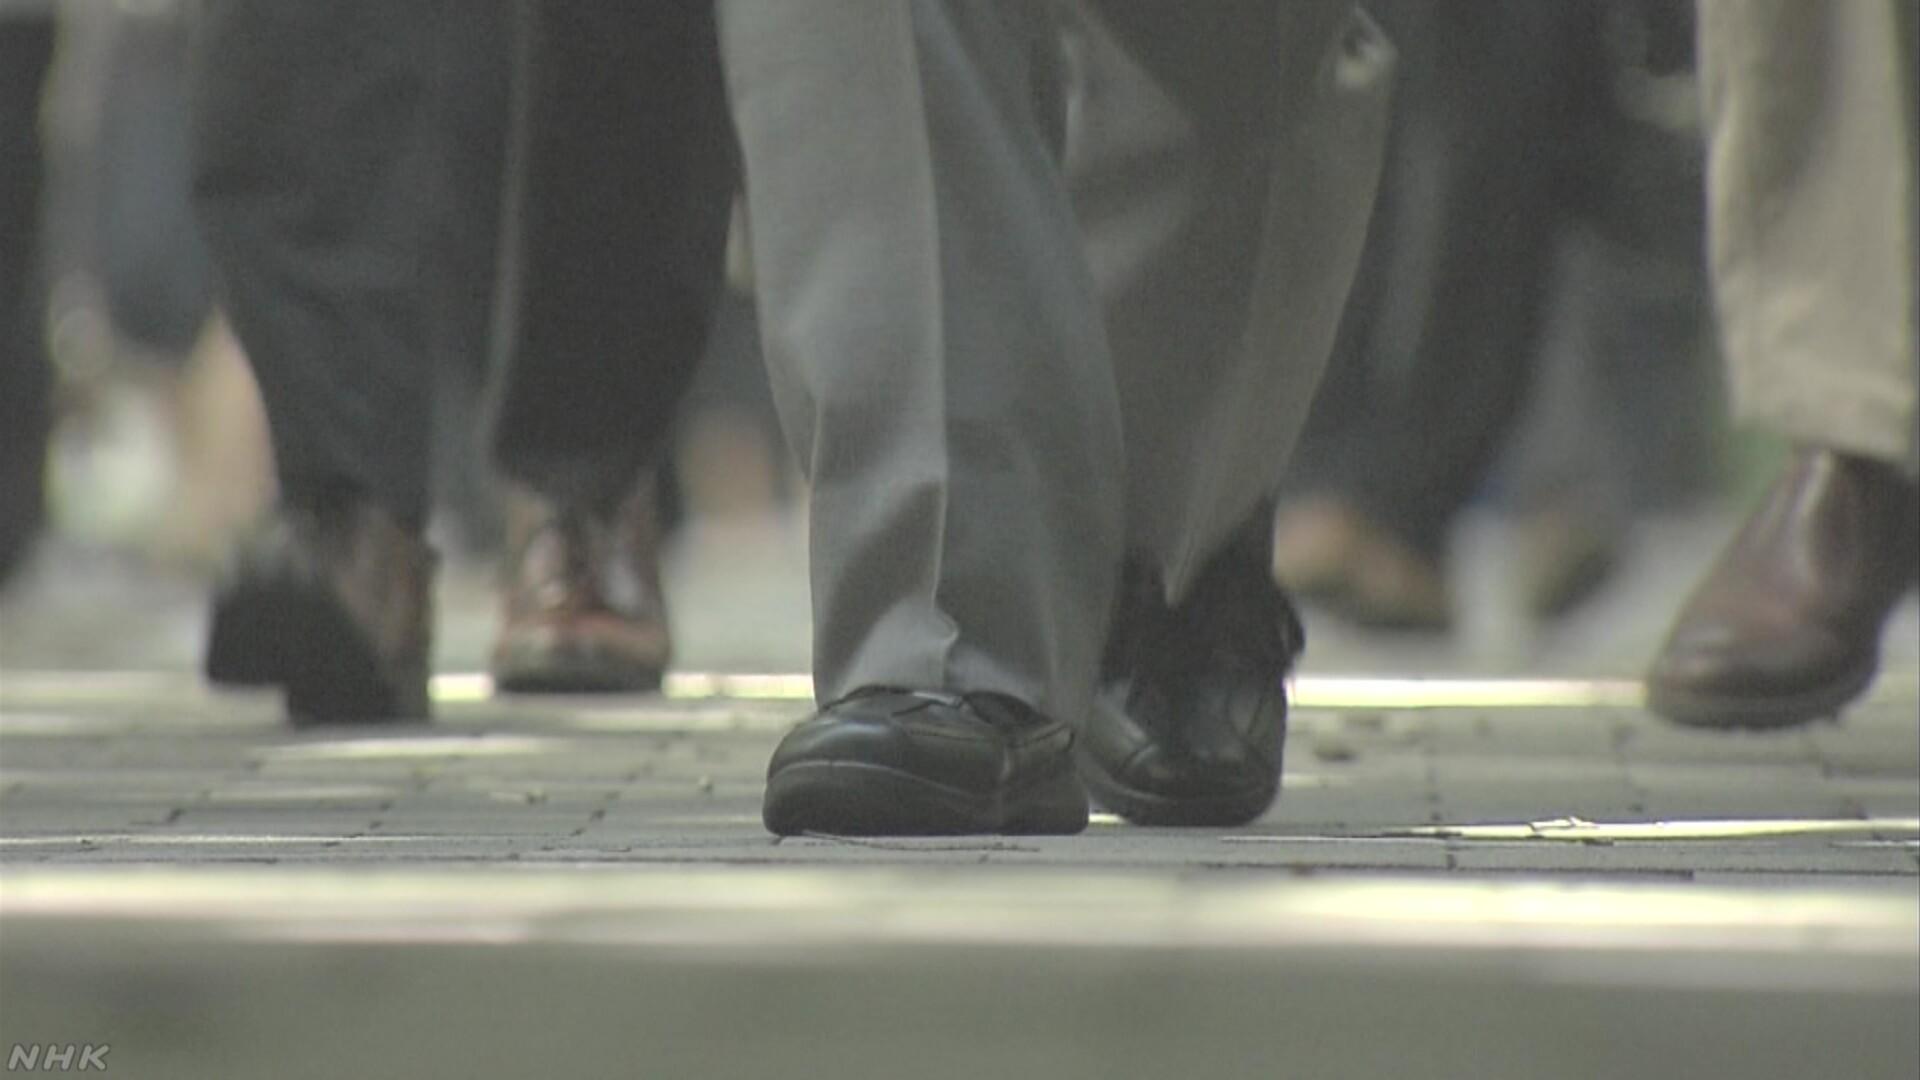 解雇や雇い止め 非正規雇用で働く人が6割占める 新型コロナプレミアムプラン